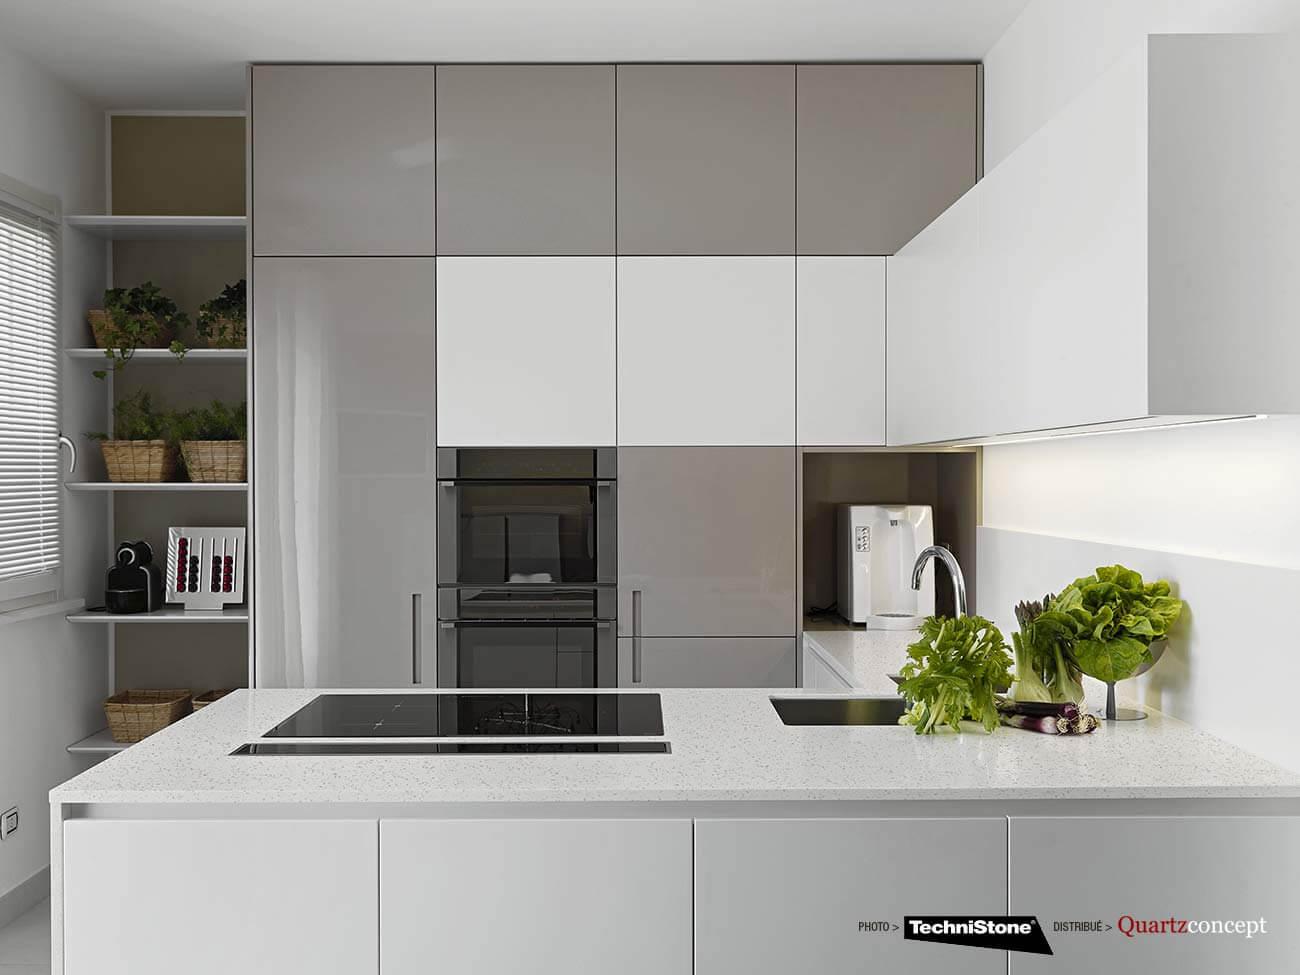 couleur-Elegance-Eco-Nev Quartz Technistone | Comptoir de cuisine et salle de bain